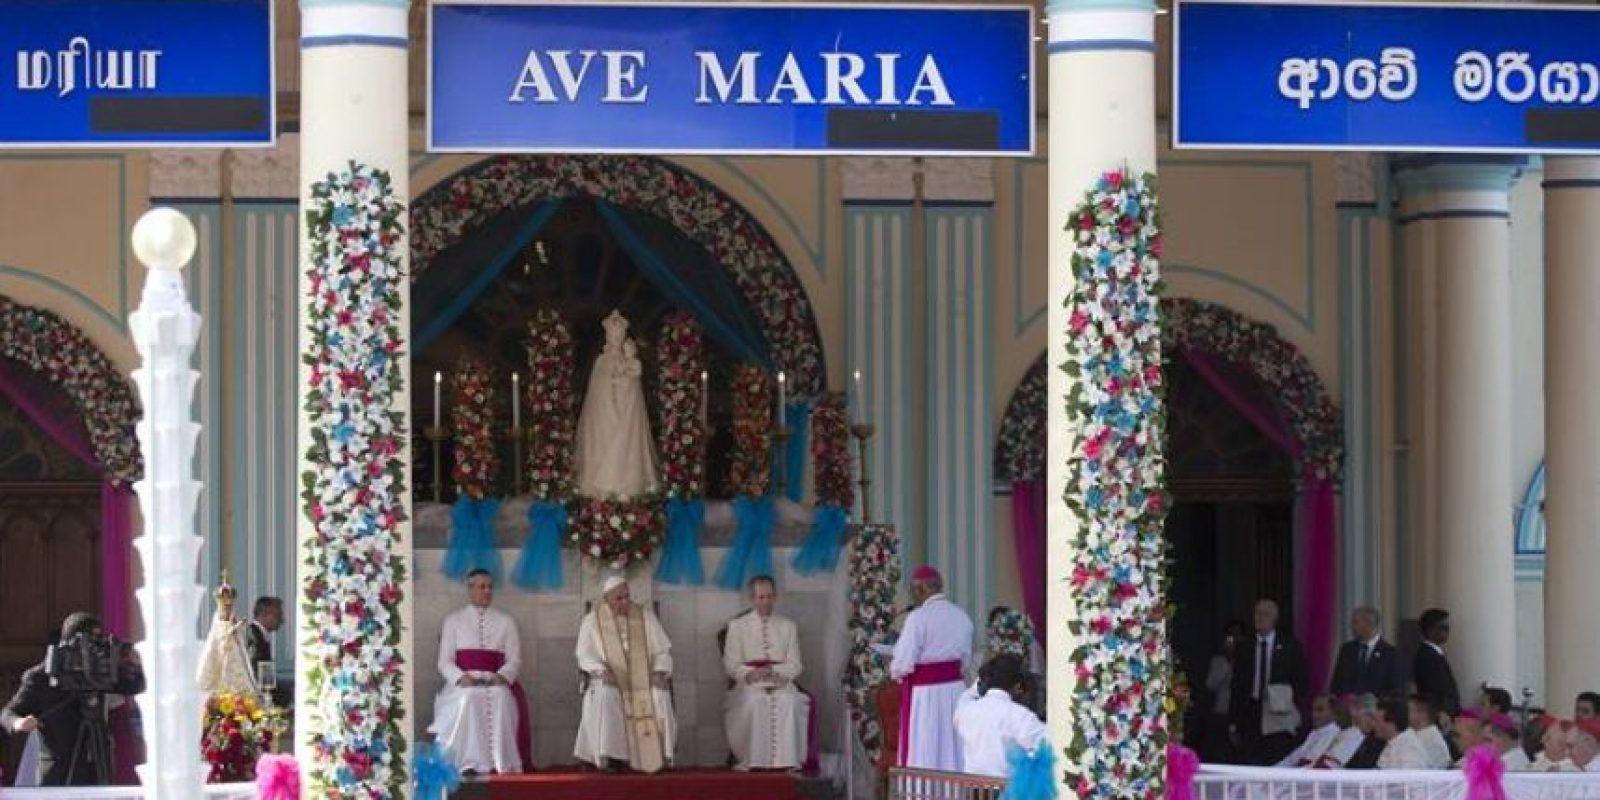 El papa Francisco (c) durante una oración a la virgen oficiada en el santuario de Nuestra Señora de Madhu (Sri Lanka), hoy, 14 de enero de 2015. Francisco se convirtió en el primer pontífice que pisa territorio tamil, ya que en los viajes de Juan Pablo II y Pablo VI éstos no fueron al norte de Sri Lanka, inmerso durante 26 años en un sangriento conflicto entre tamiles y cingaleses que acabó en 2009. EFE